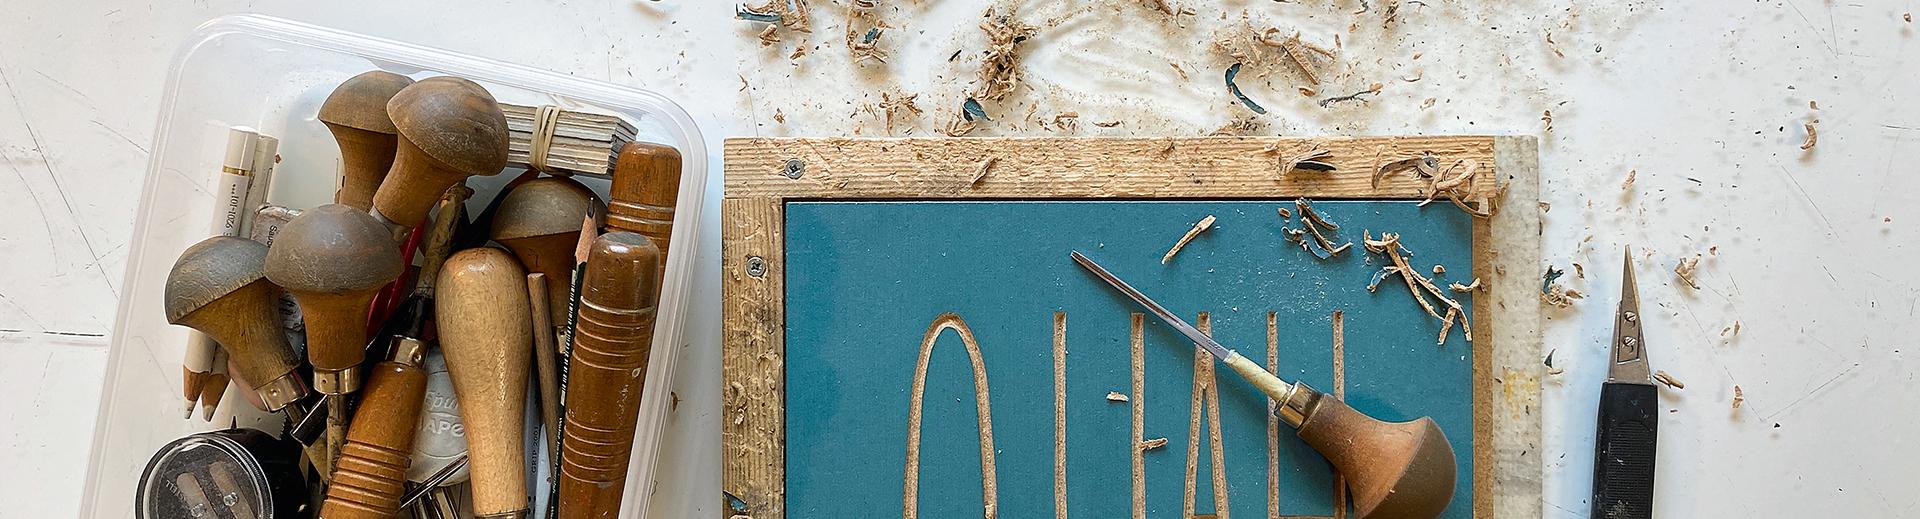 Workshops | Atelier Sauer Ibbenbüren | Schneidewerkzeug